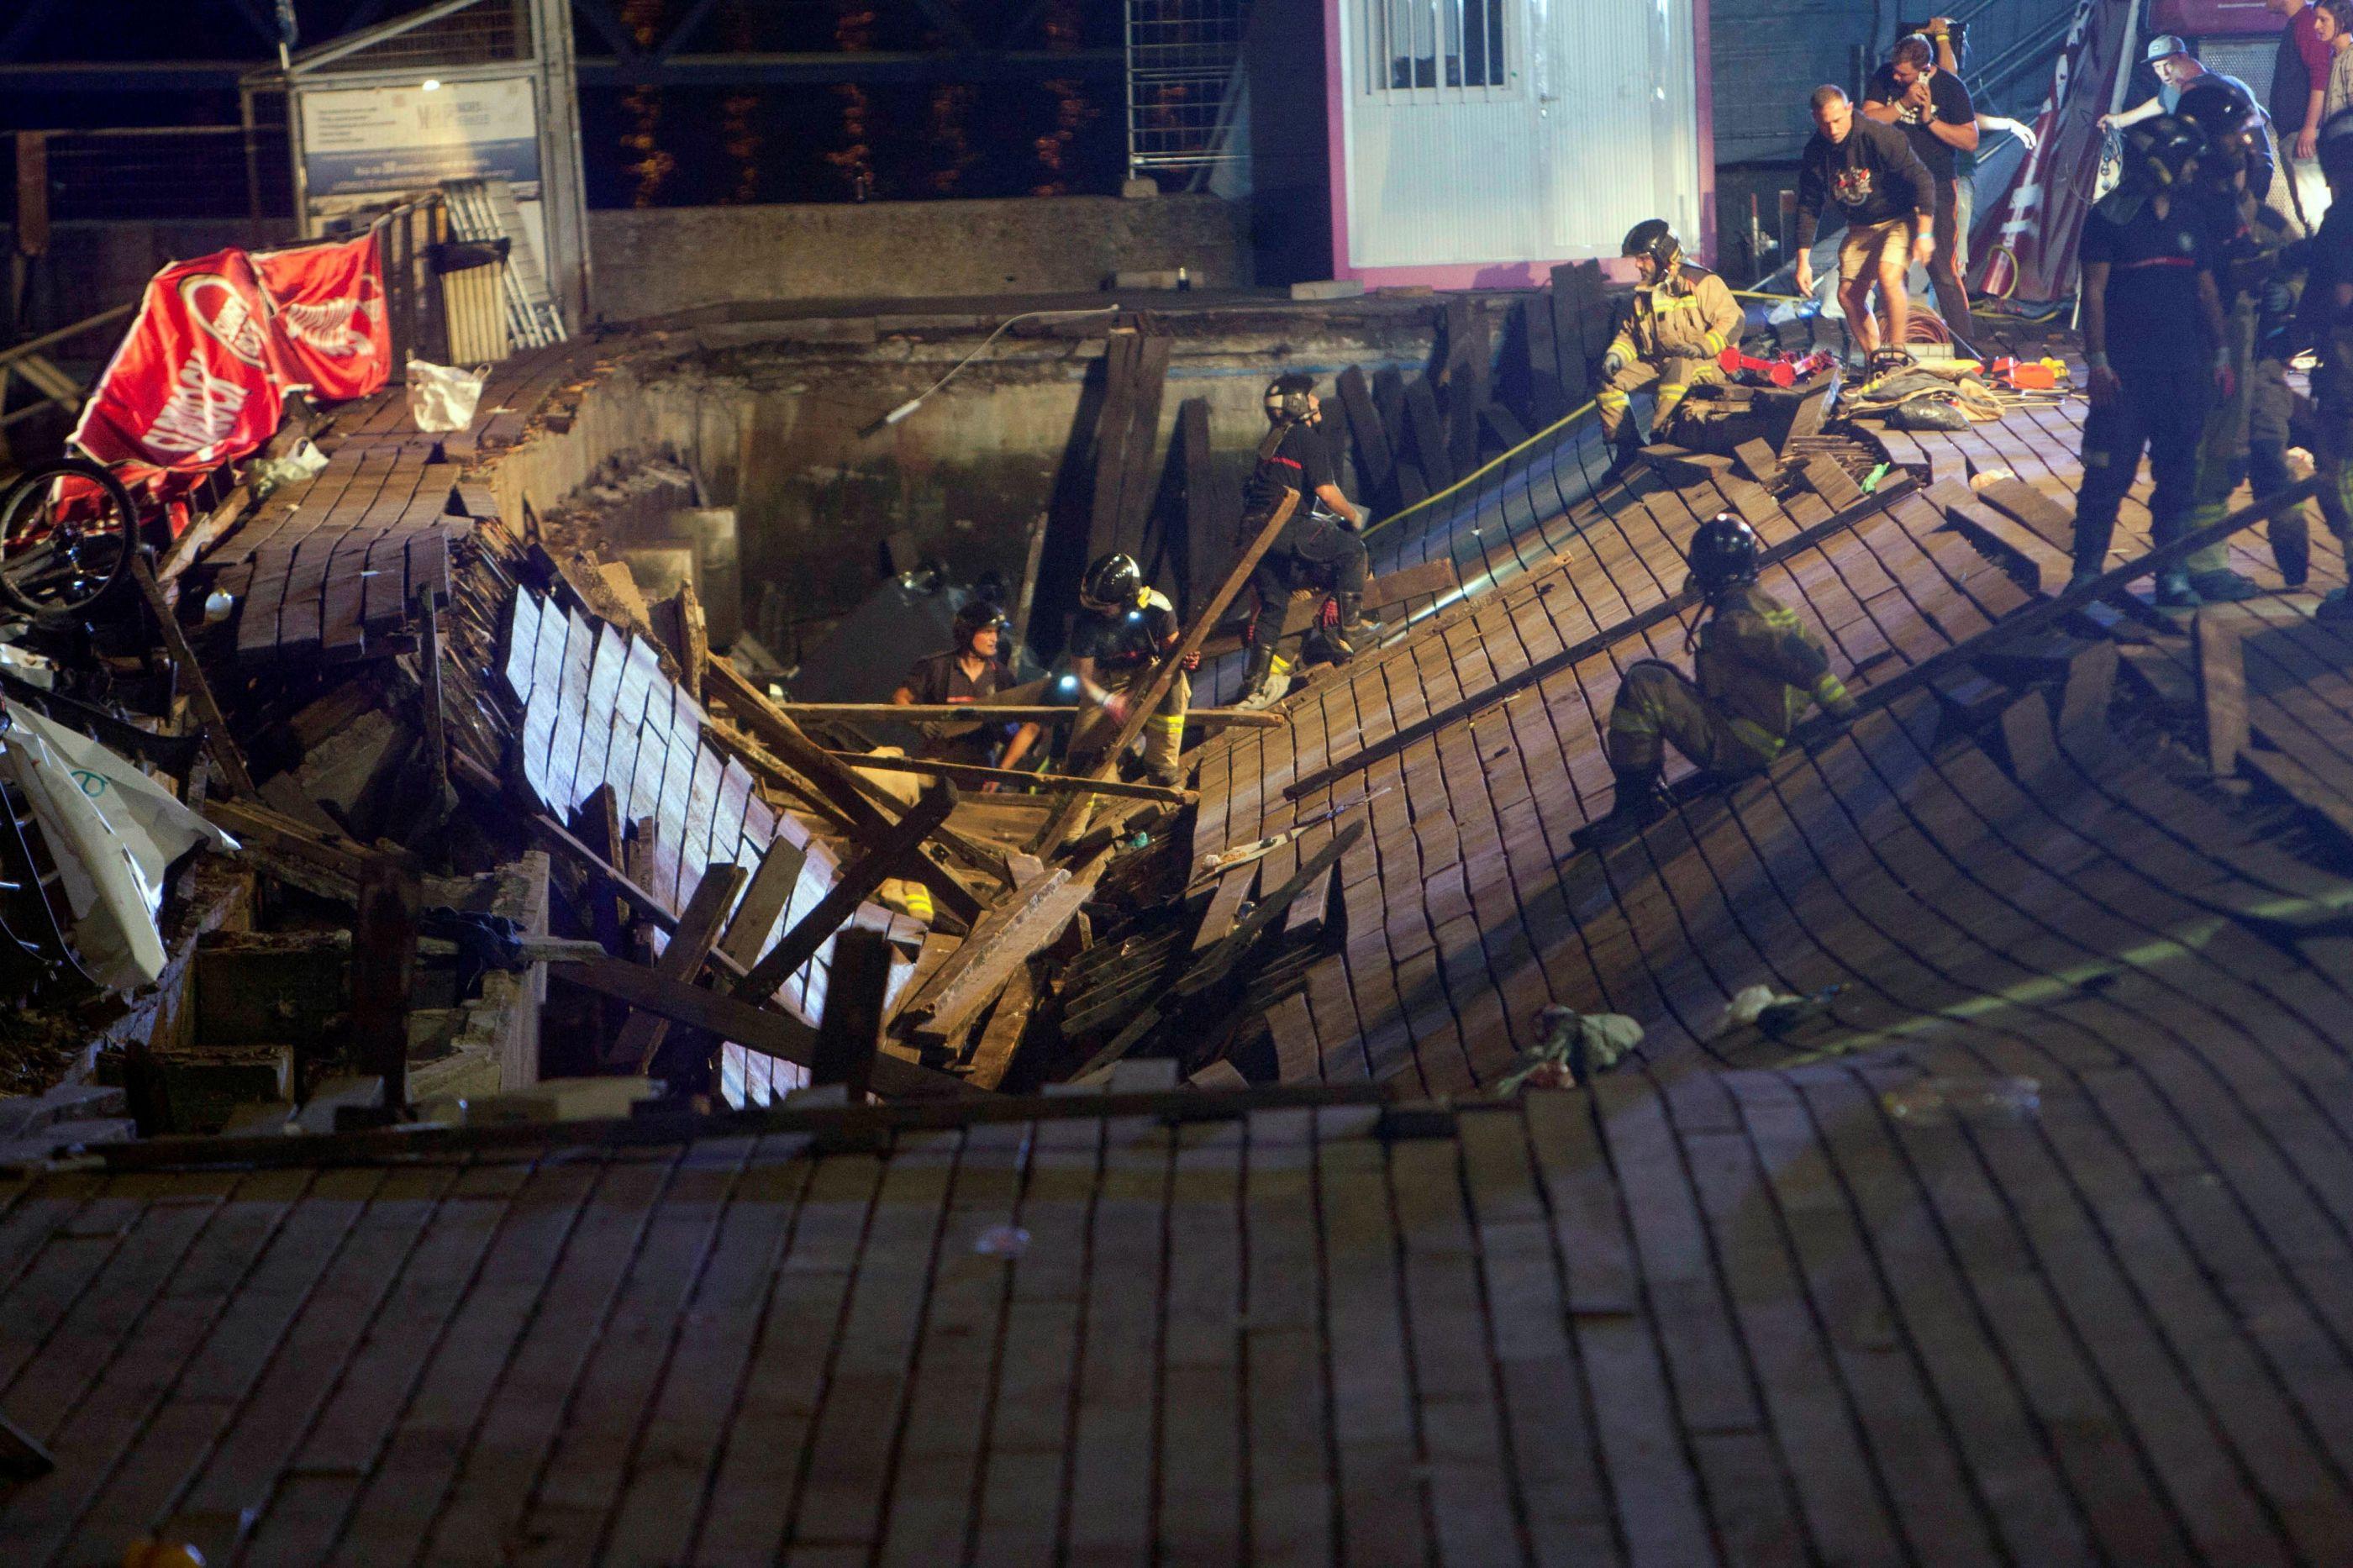 Plataforma cai durante festival na Espanha e deixa 300 feridos; veja